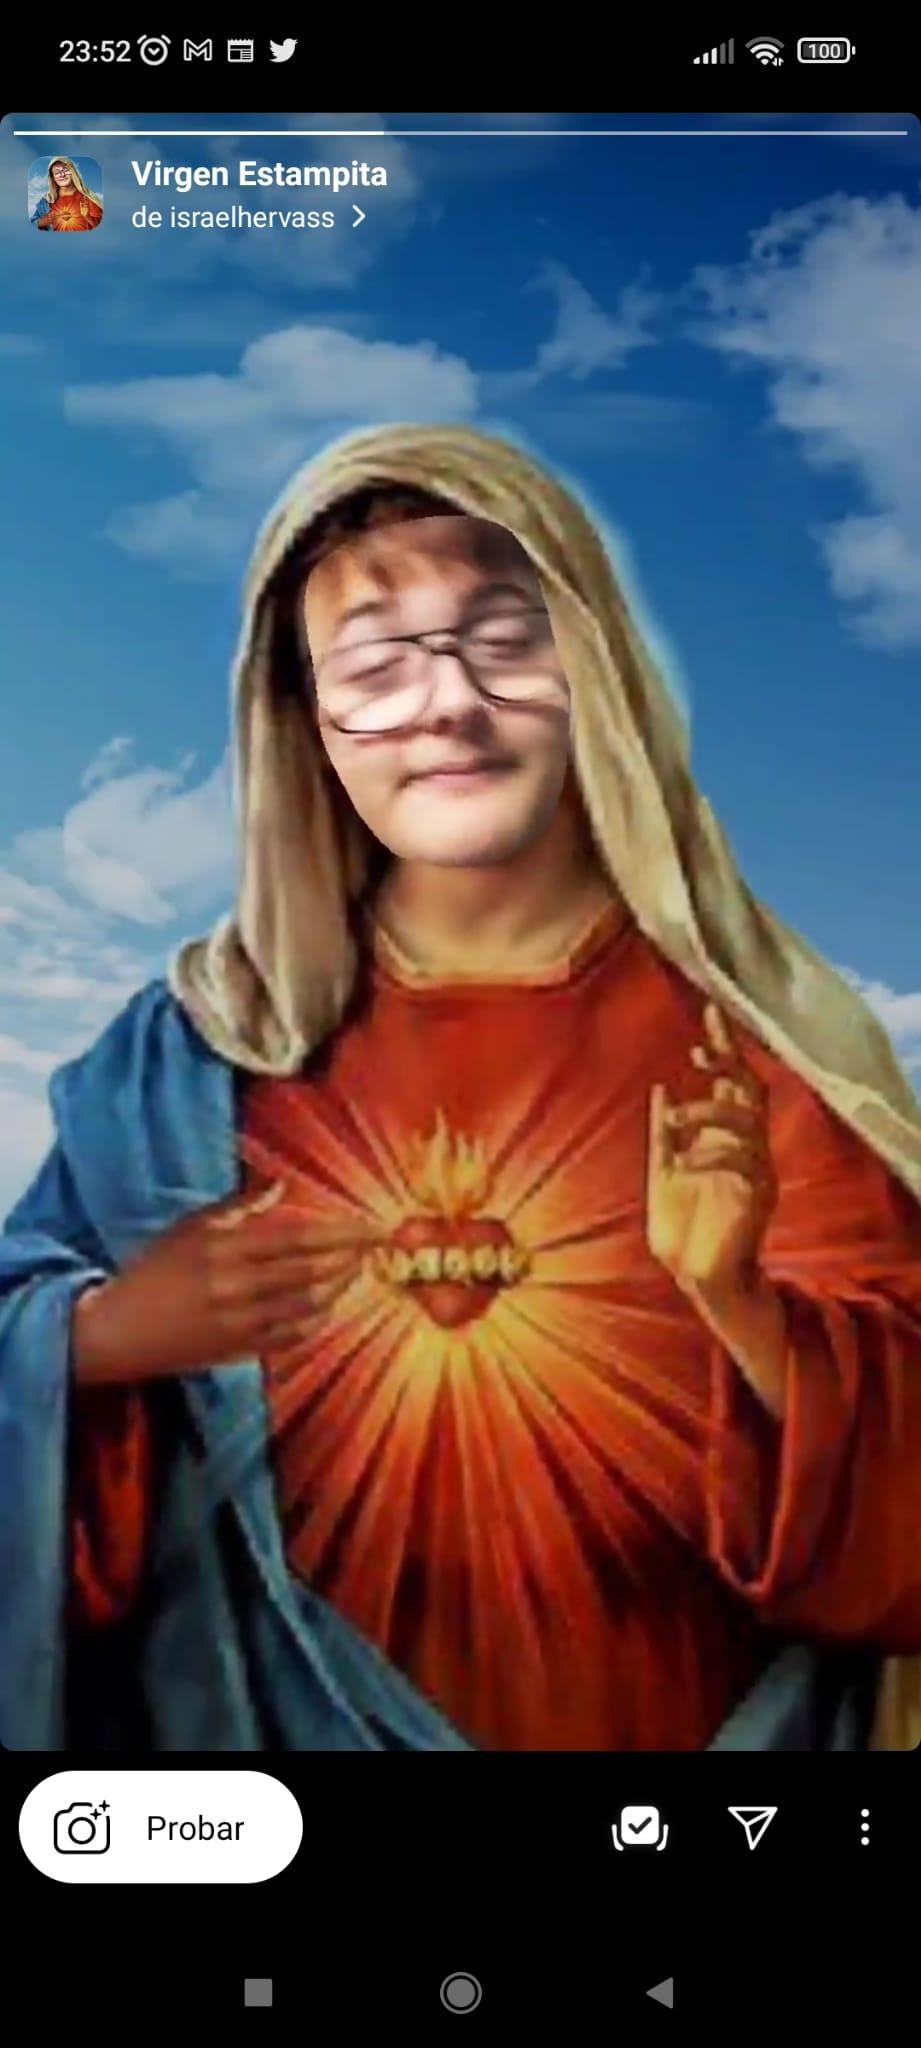 Virgen Estampita